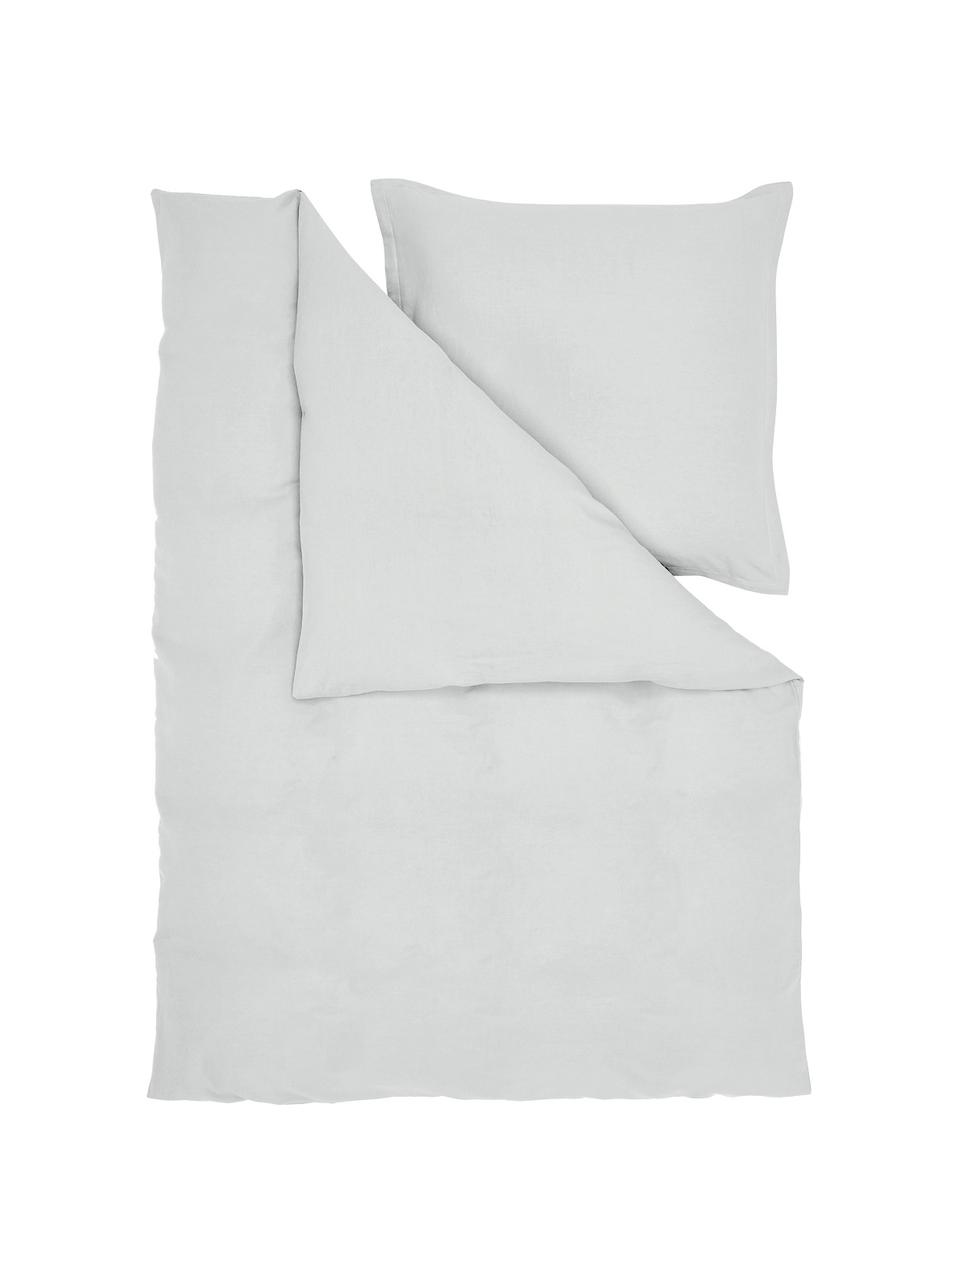 Pościel z lnu z efektem sprania Nature, Jasny szary, 135 x 200 cm + 1 poduszka 80 x 80 cm